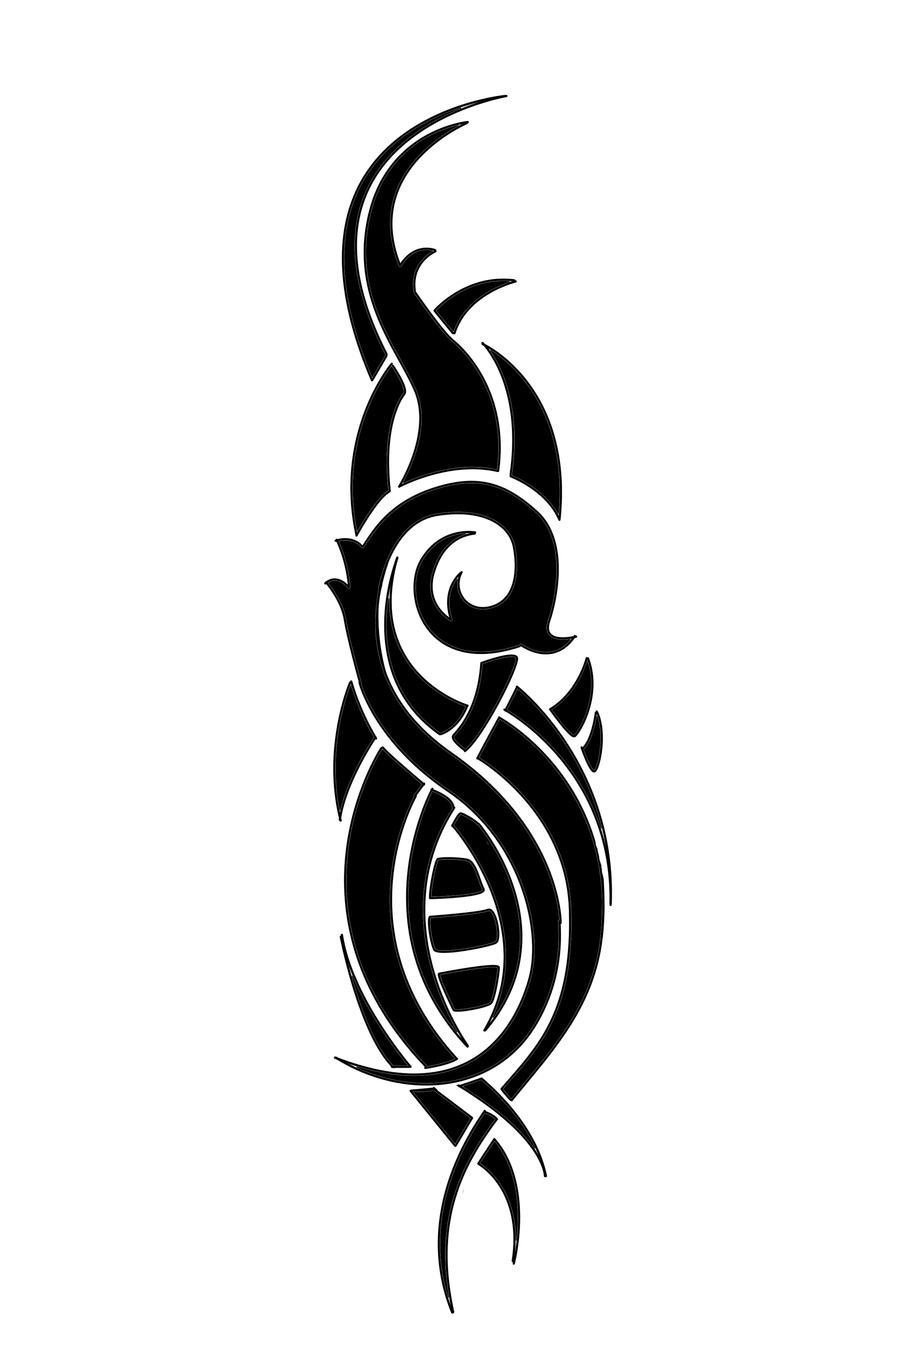 tribal tattoos designs armugg stovle. Black Bedroom Furniture Sets. Home Design Ideas